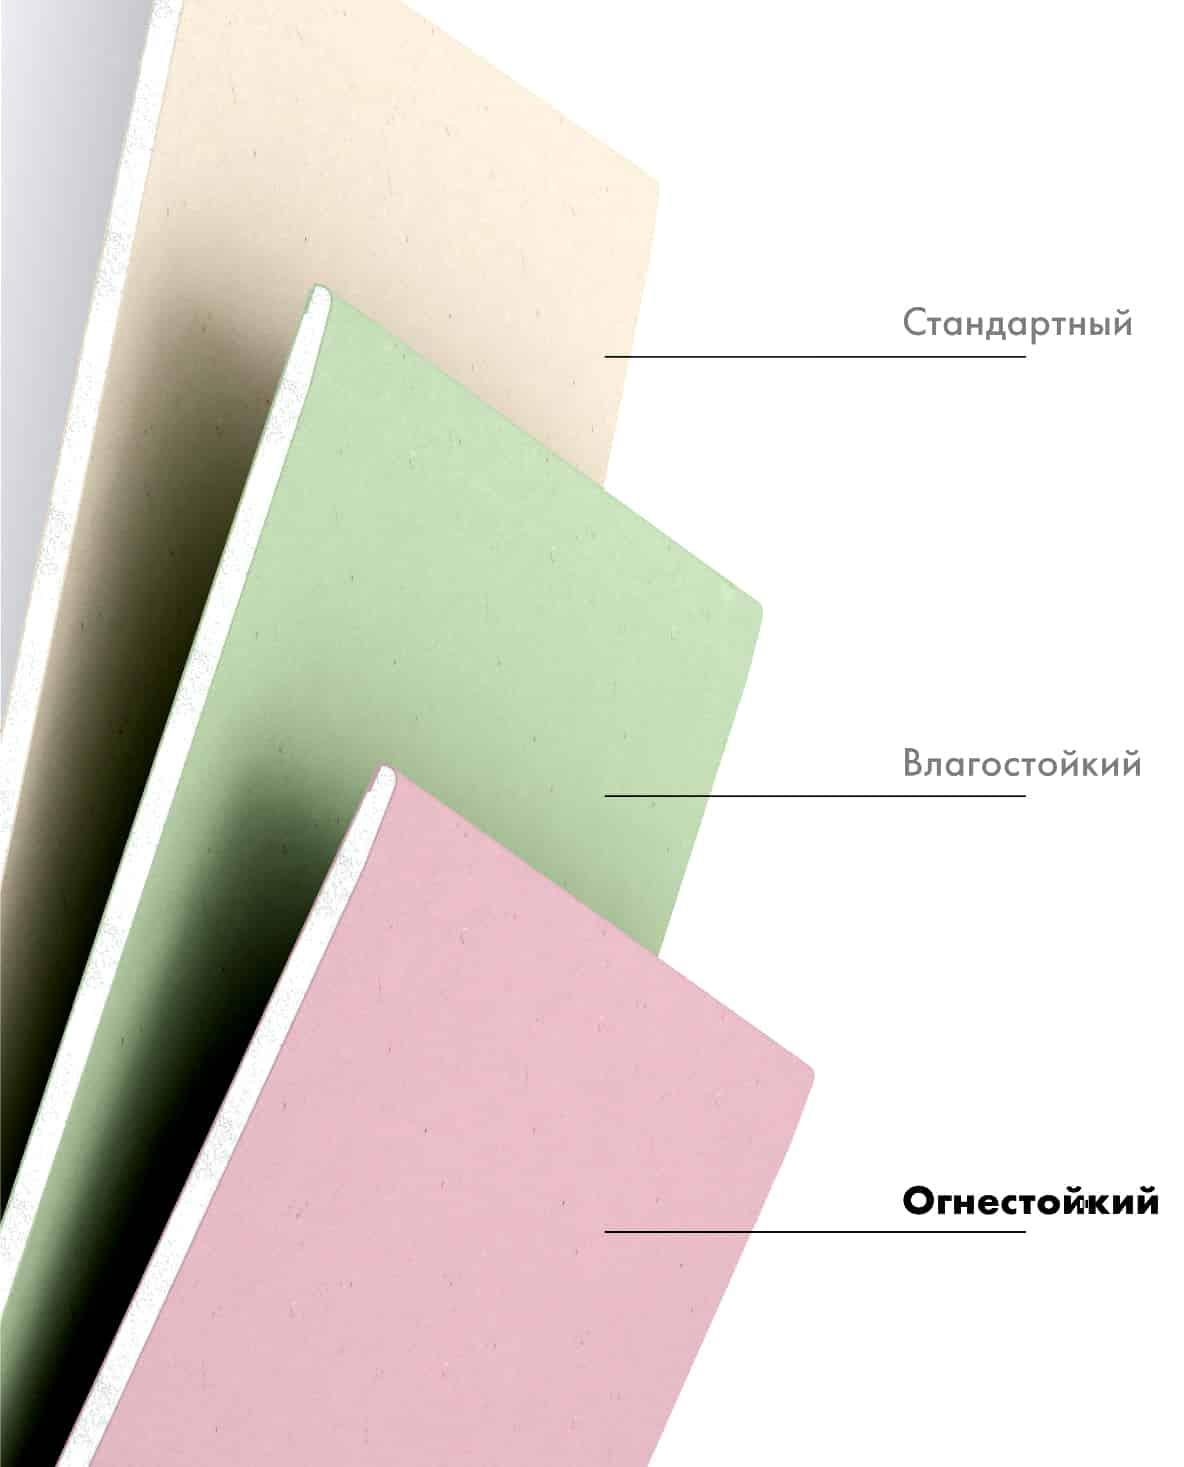 Разновидности гипсокартона | Чем лучше потолки из гипсокартна